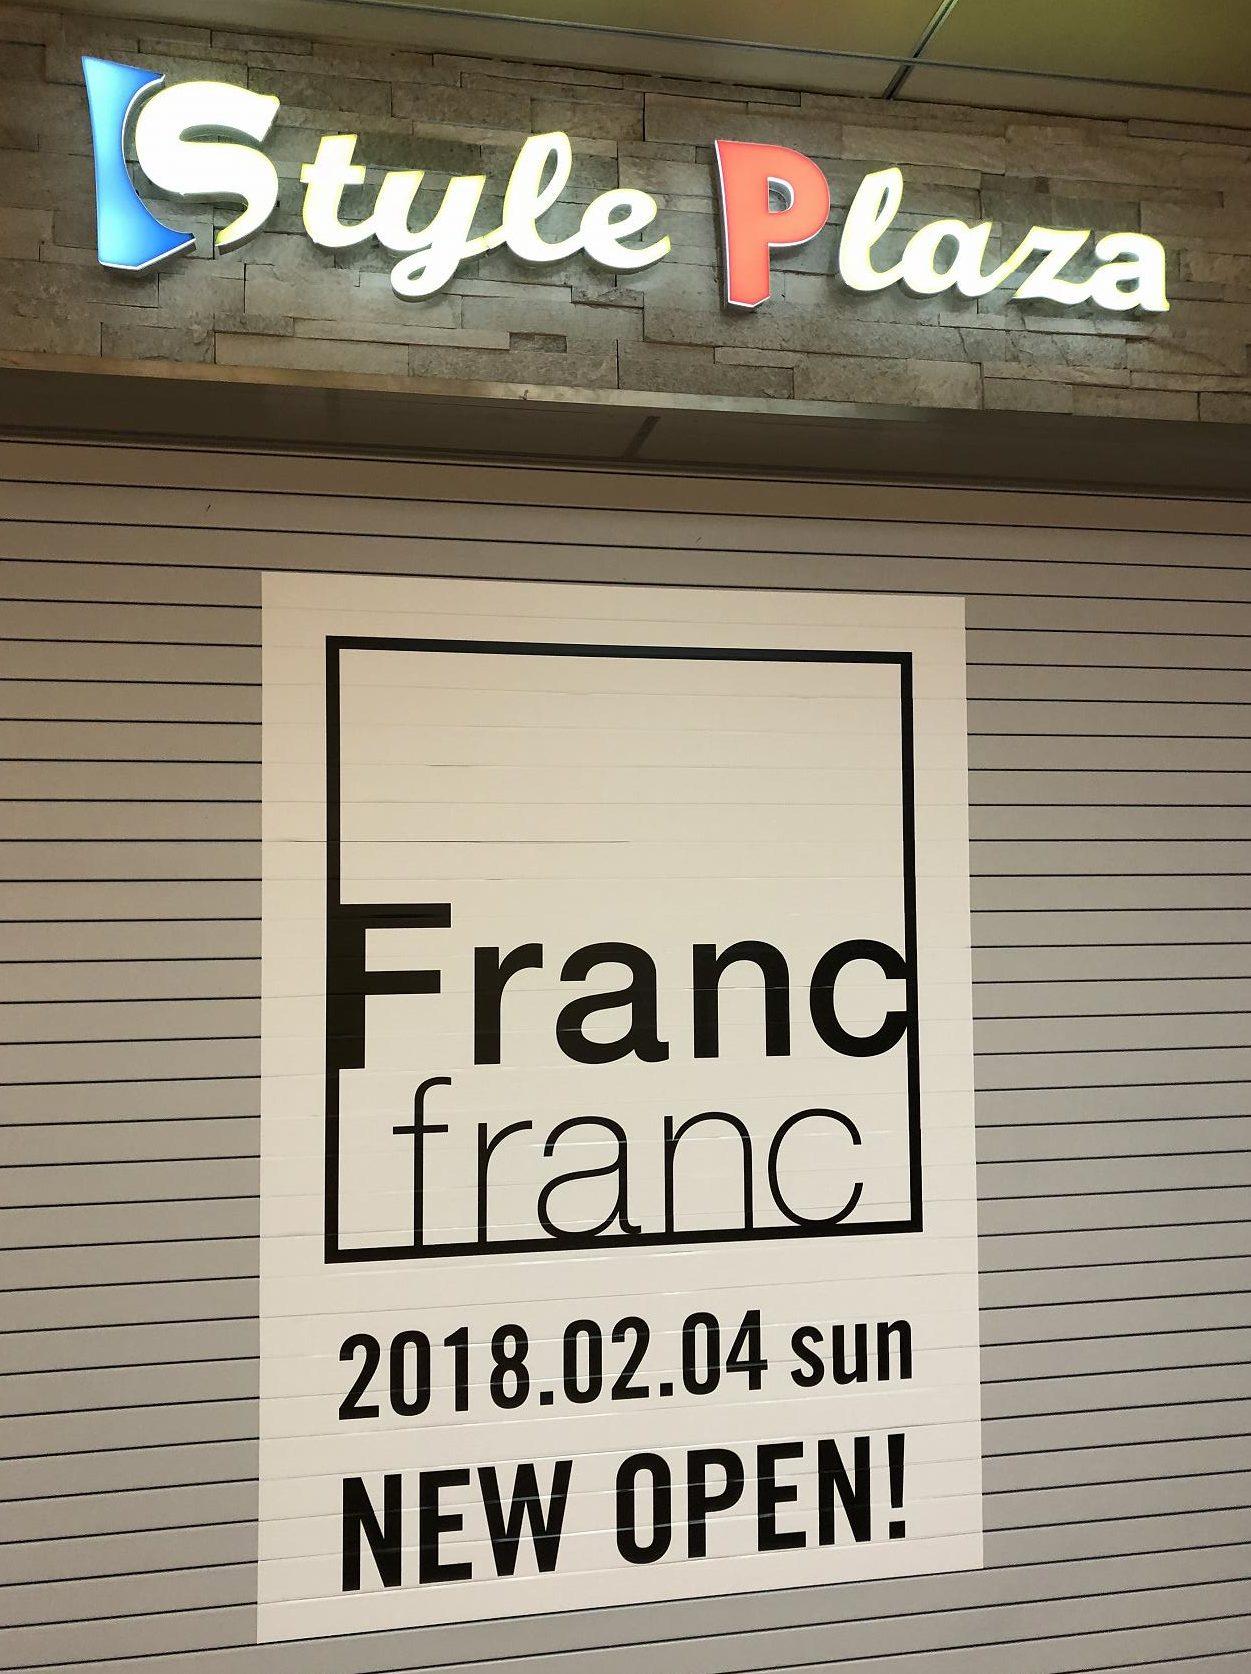 神戸・三宮に「Francfranc三宮店」が2018年2月4日(日)オープンするよ! #新規オープン #Francfranc三宮店